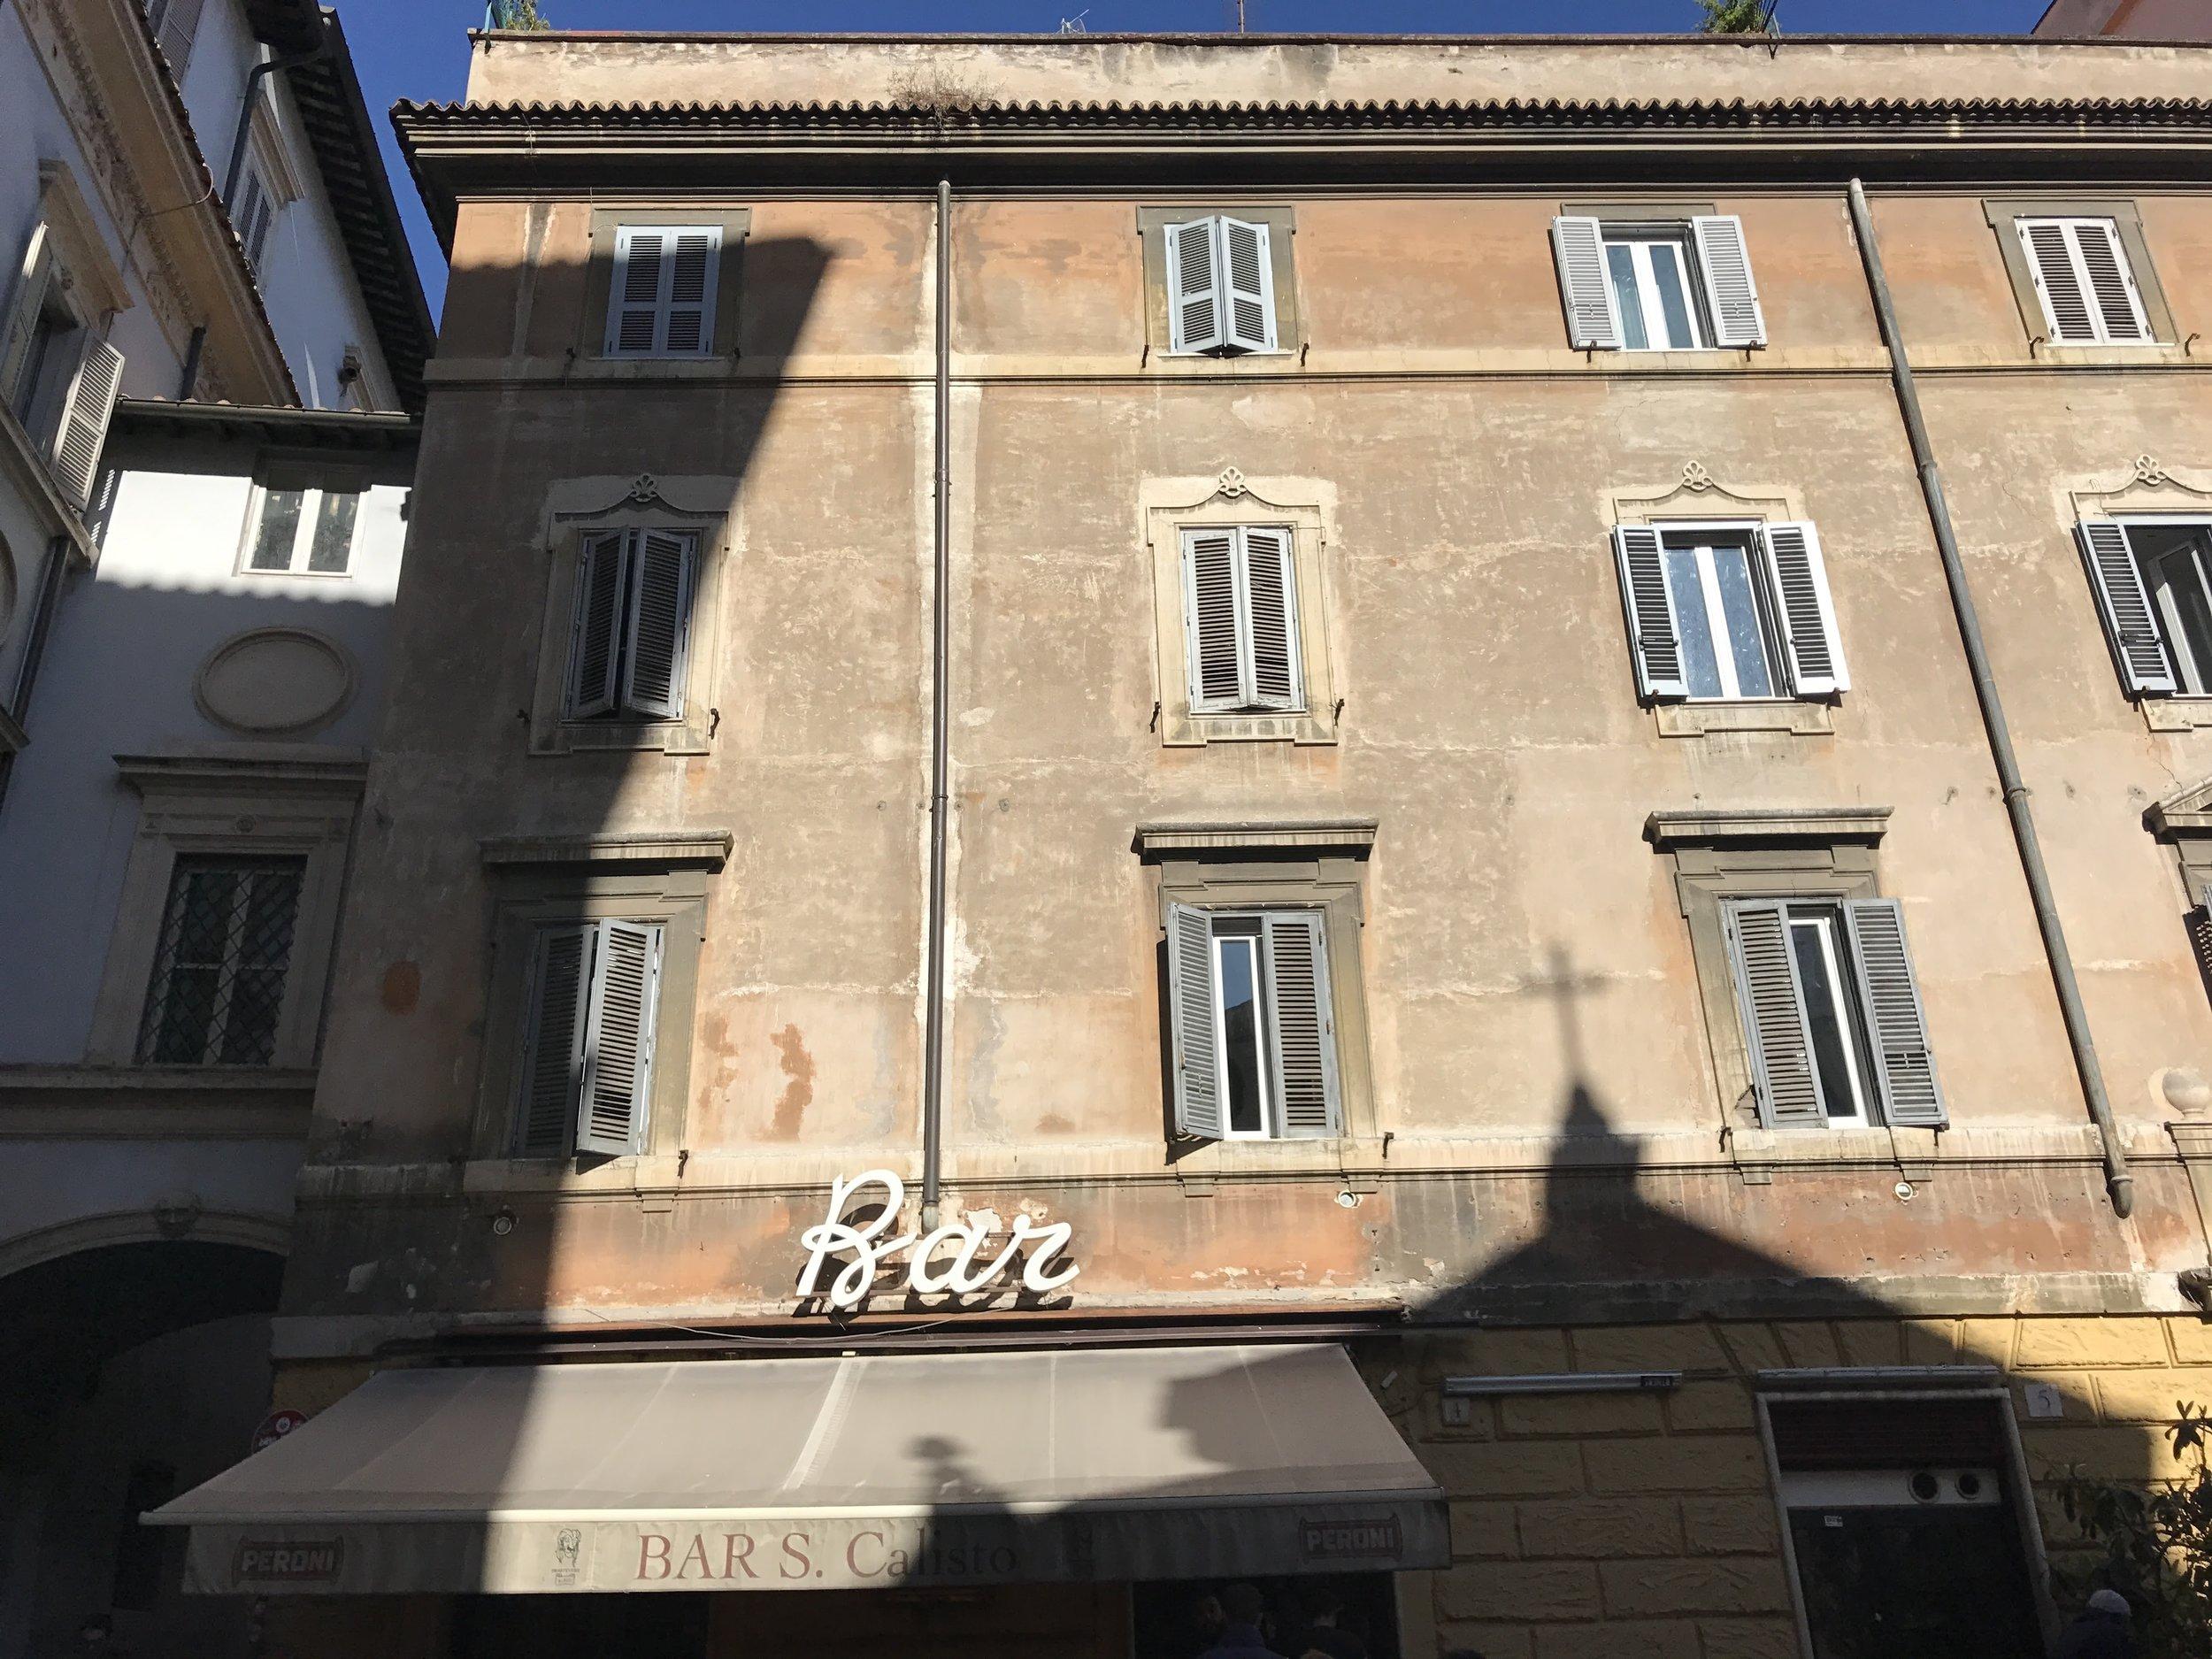 Image: Eating in Rome - Bar San Calisto Trastevere